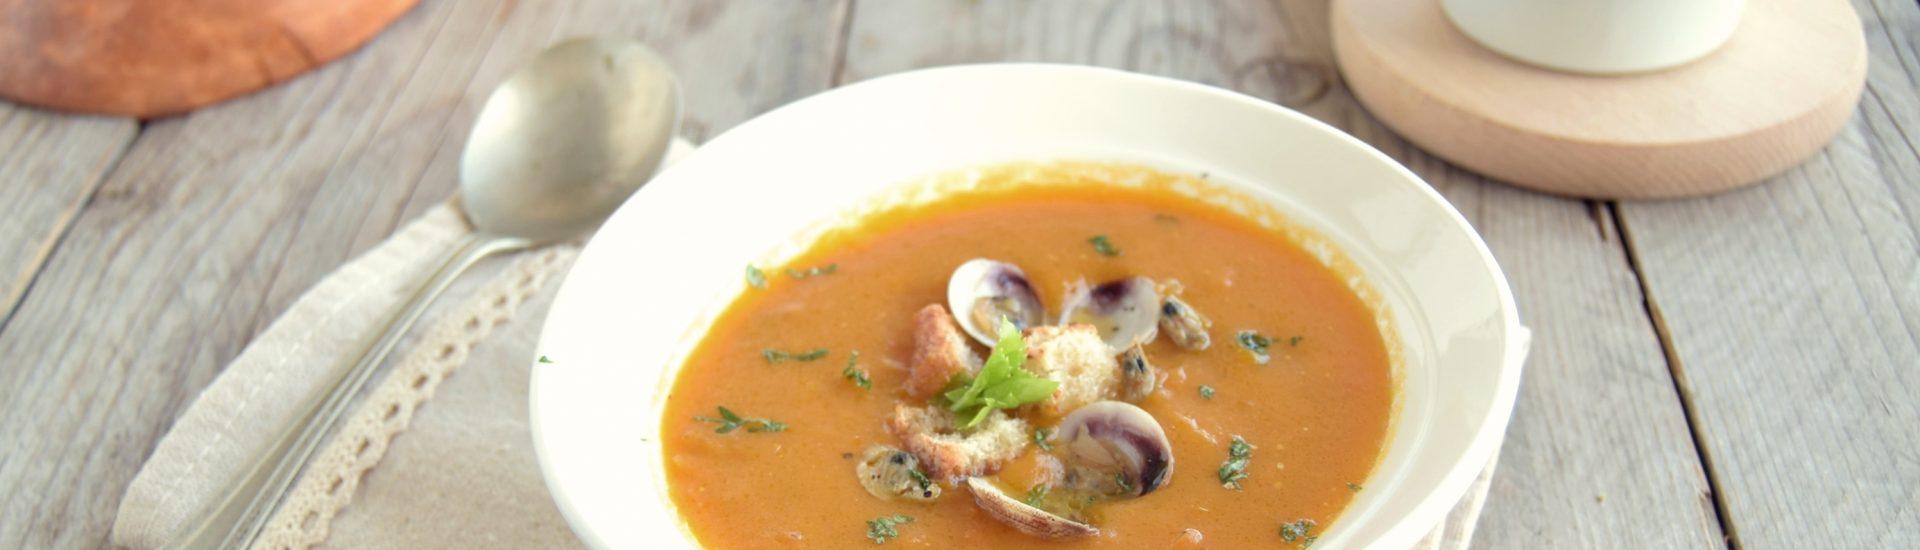 Zuppa di zucca e vongole